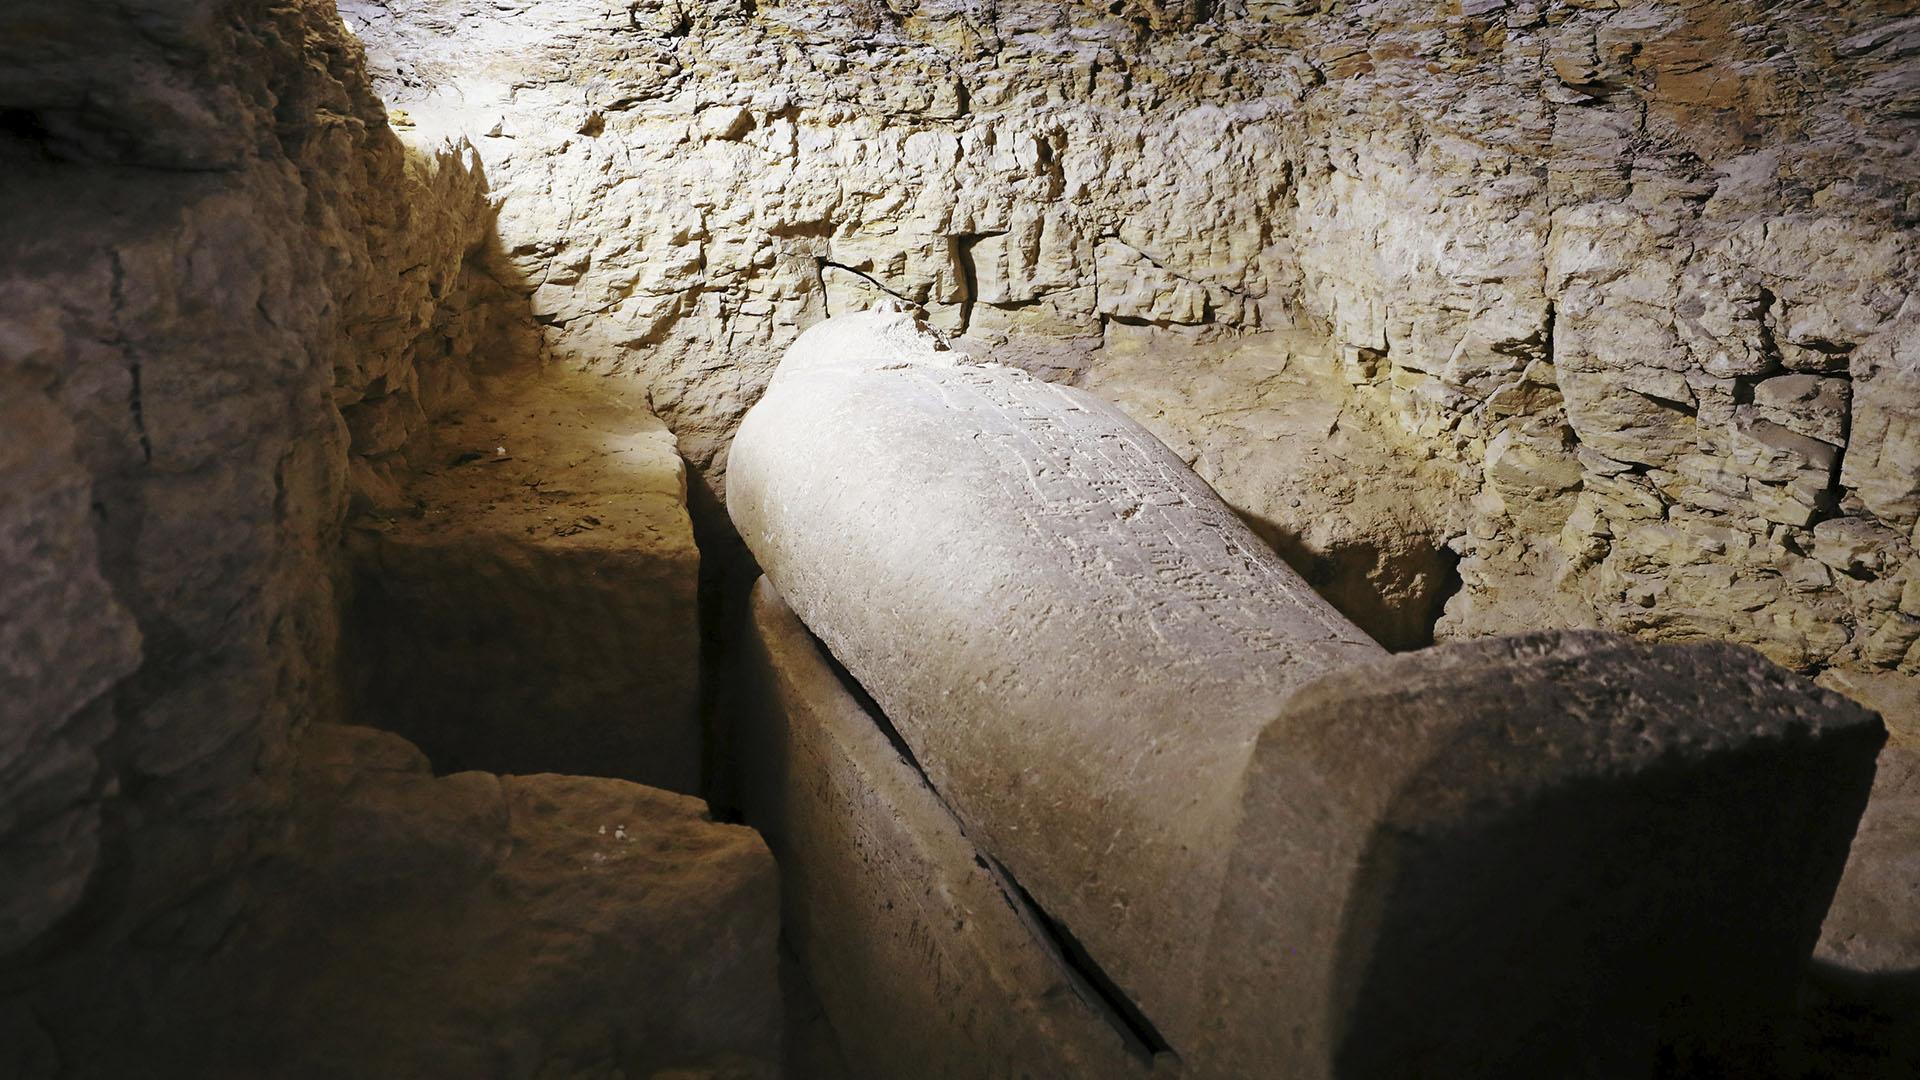 Las excavaciones en la zona comenzaron a fines de 2017 para hallar el resto del cementerio de lo que fue la 15ta División del Alto Egipto en tiempos antiguos. Hallaron tumbas de sacerdotes de Tot, el dios de la luna y la sabiduría